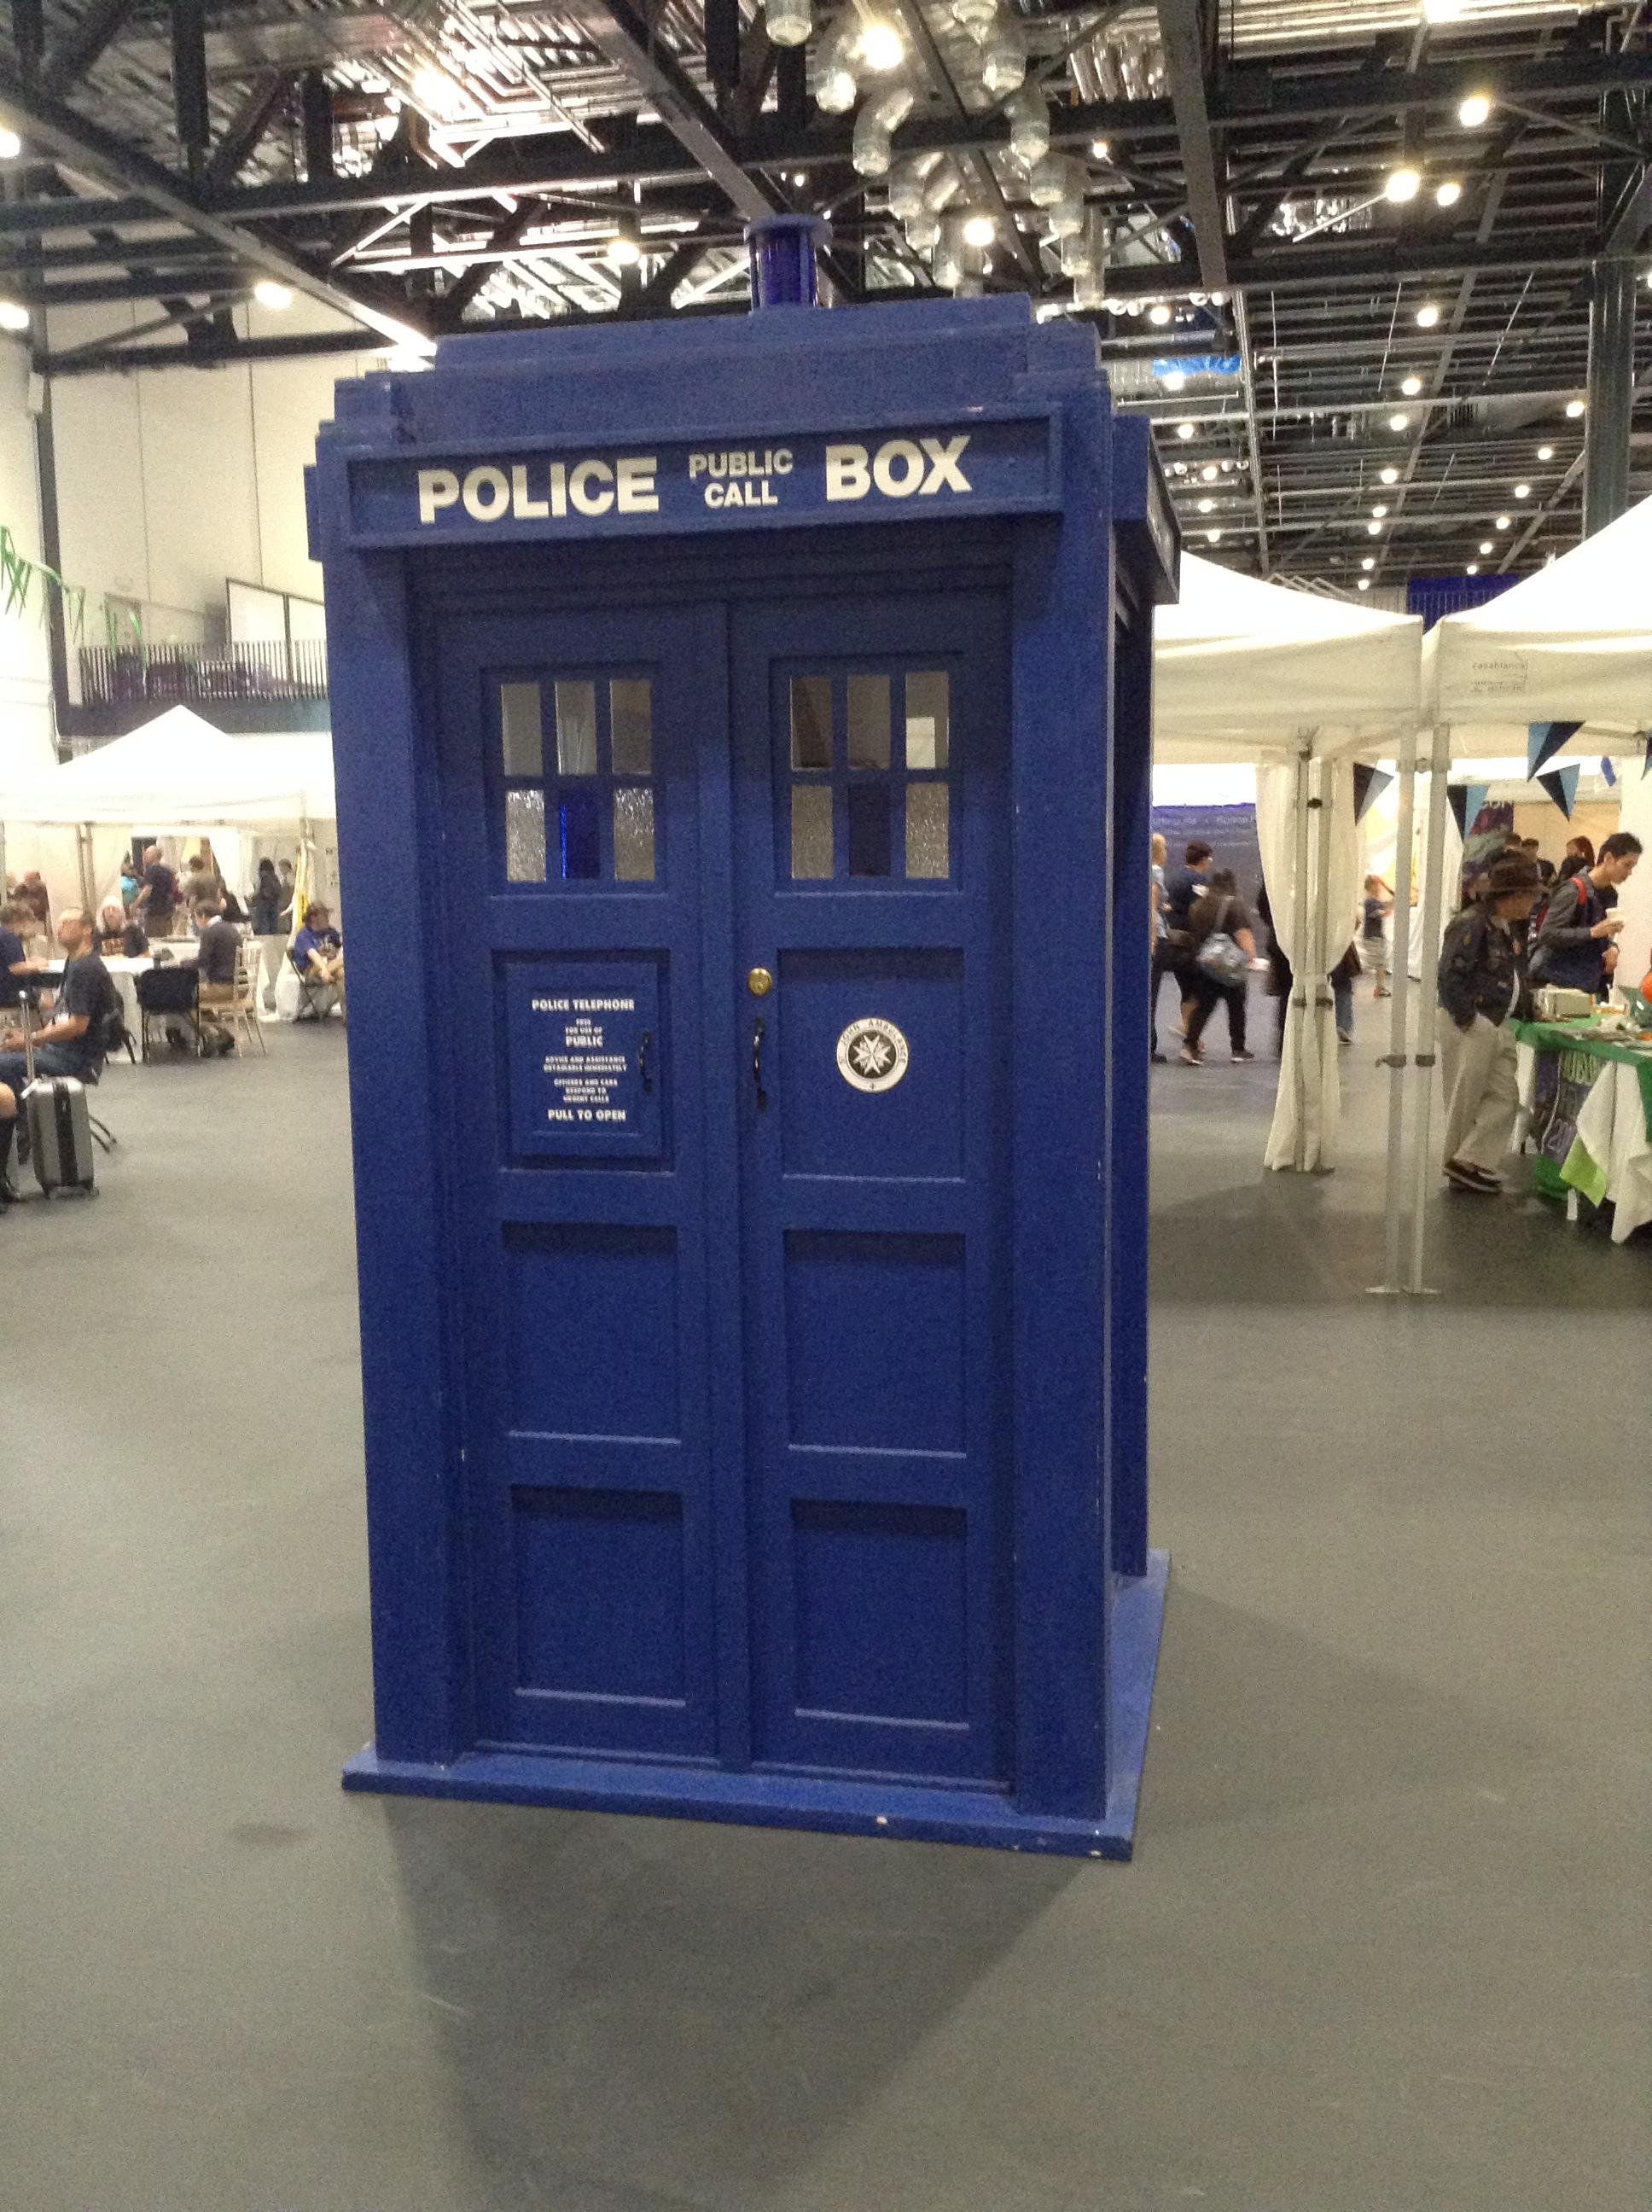 The TARDIS 004